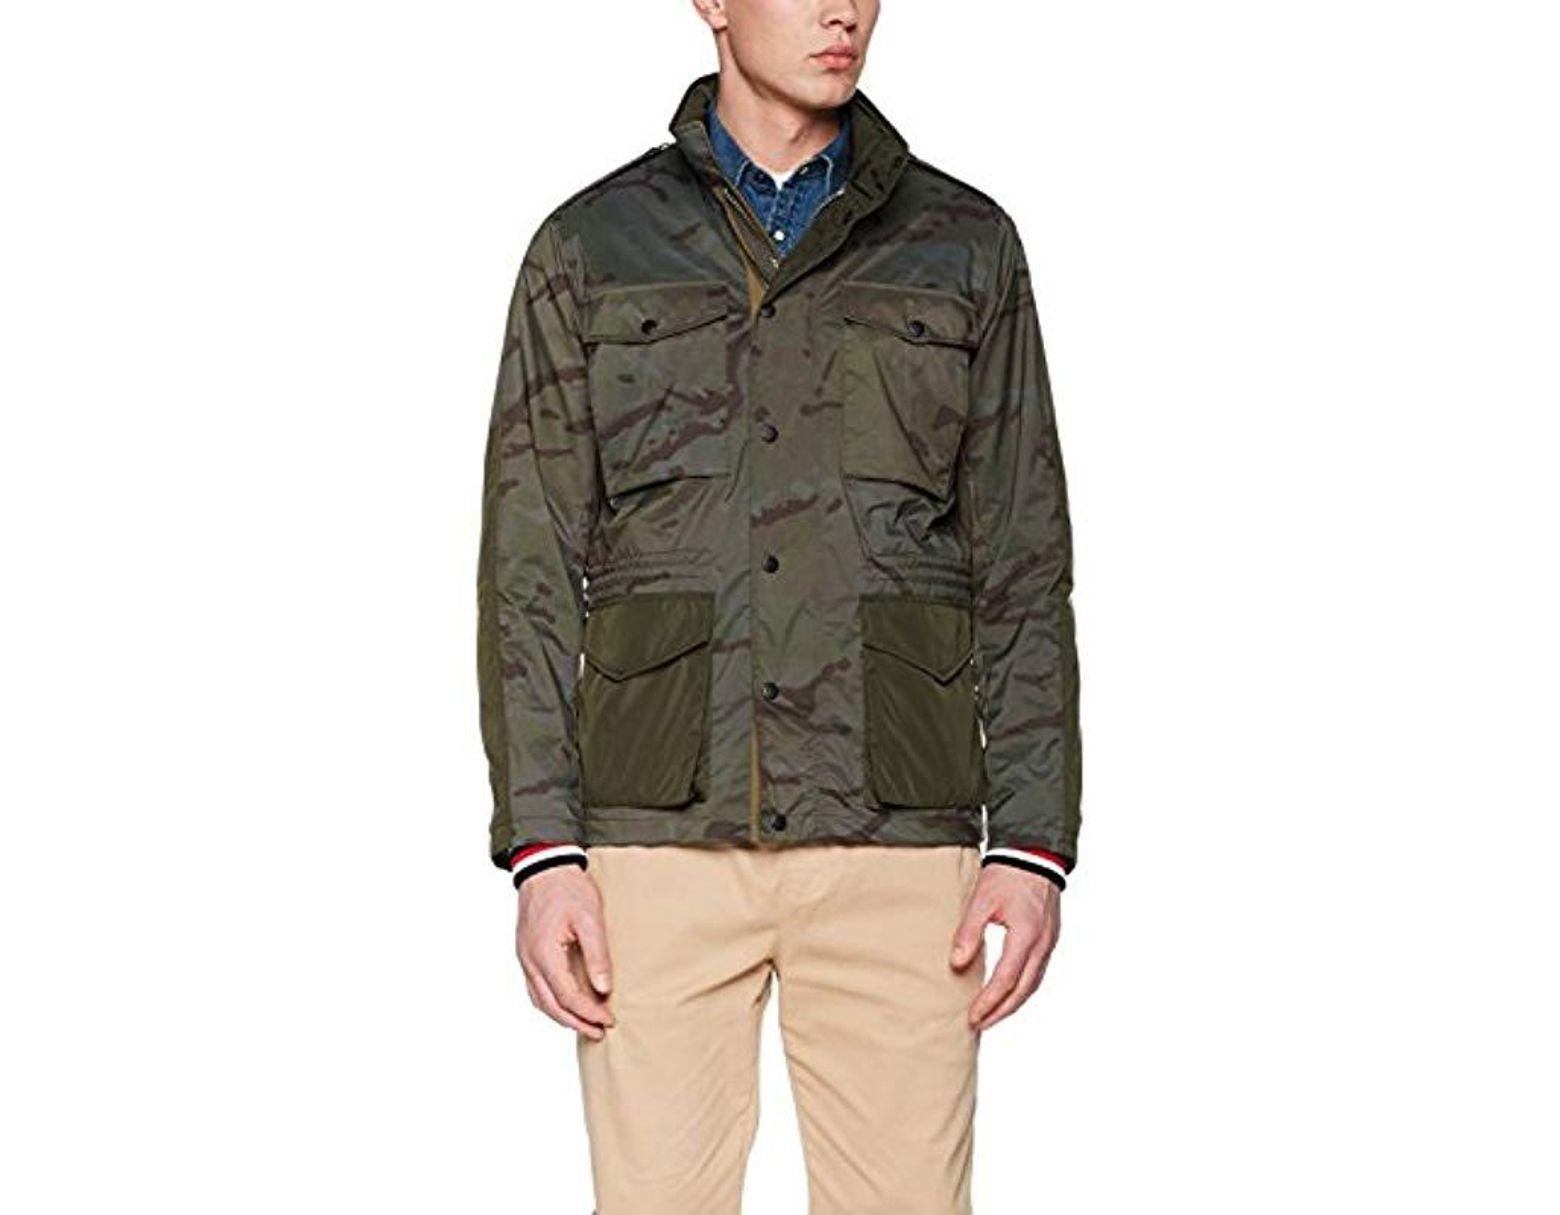 bcb7a2f08 Men's Green 's Camo Af Jacket Bomber